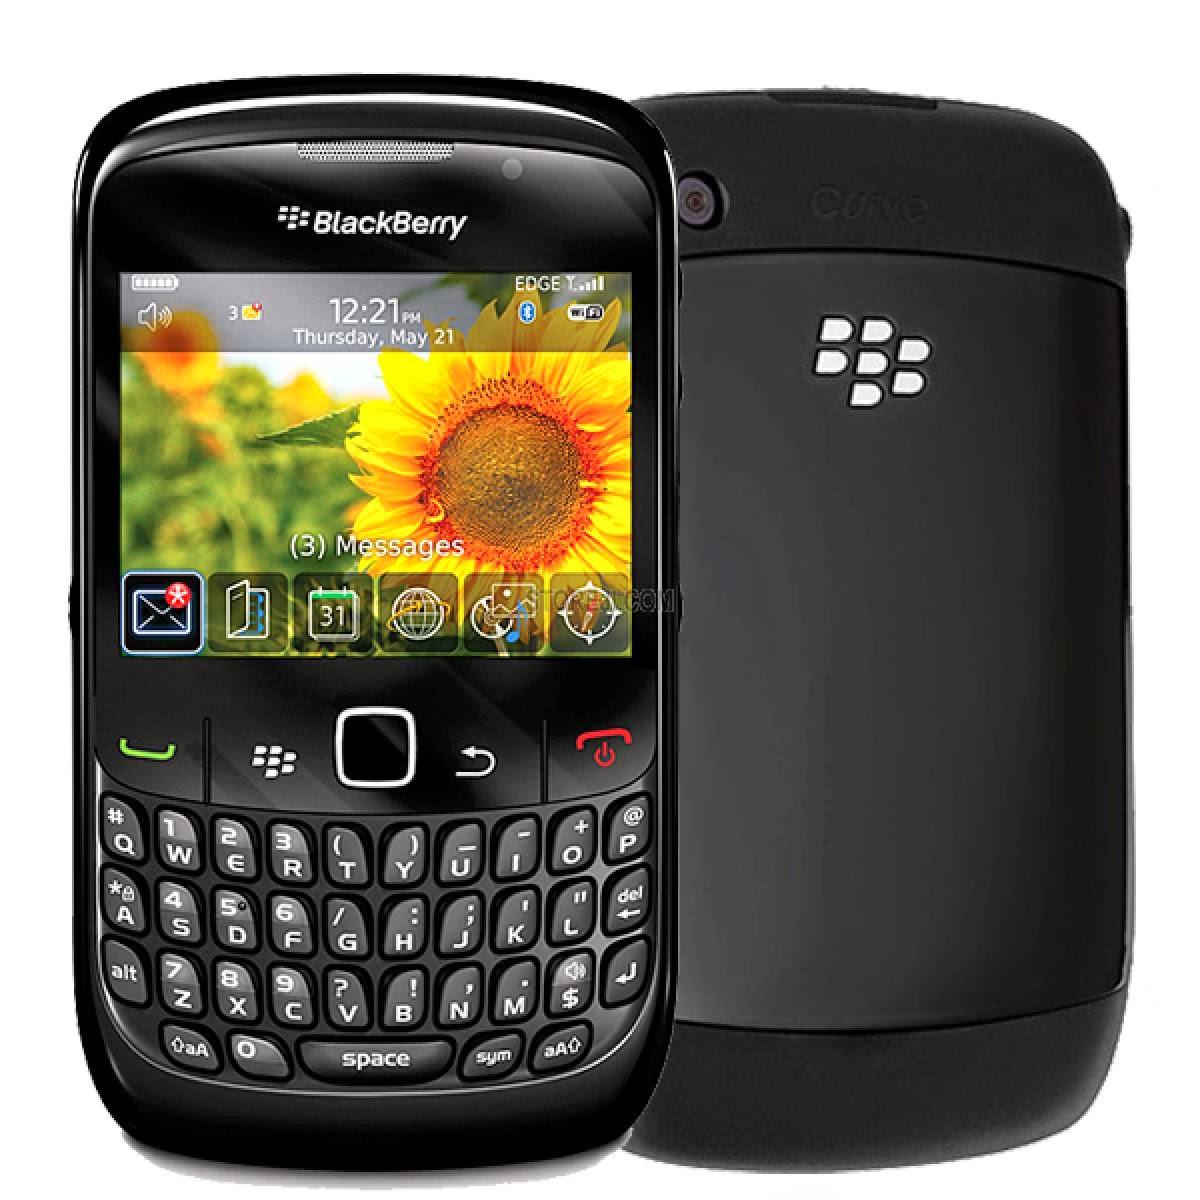 Come scaricare WhatsApp Free per BlackBerry 8520, Curve e Curve 8520? 3